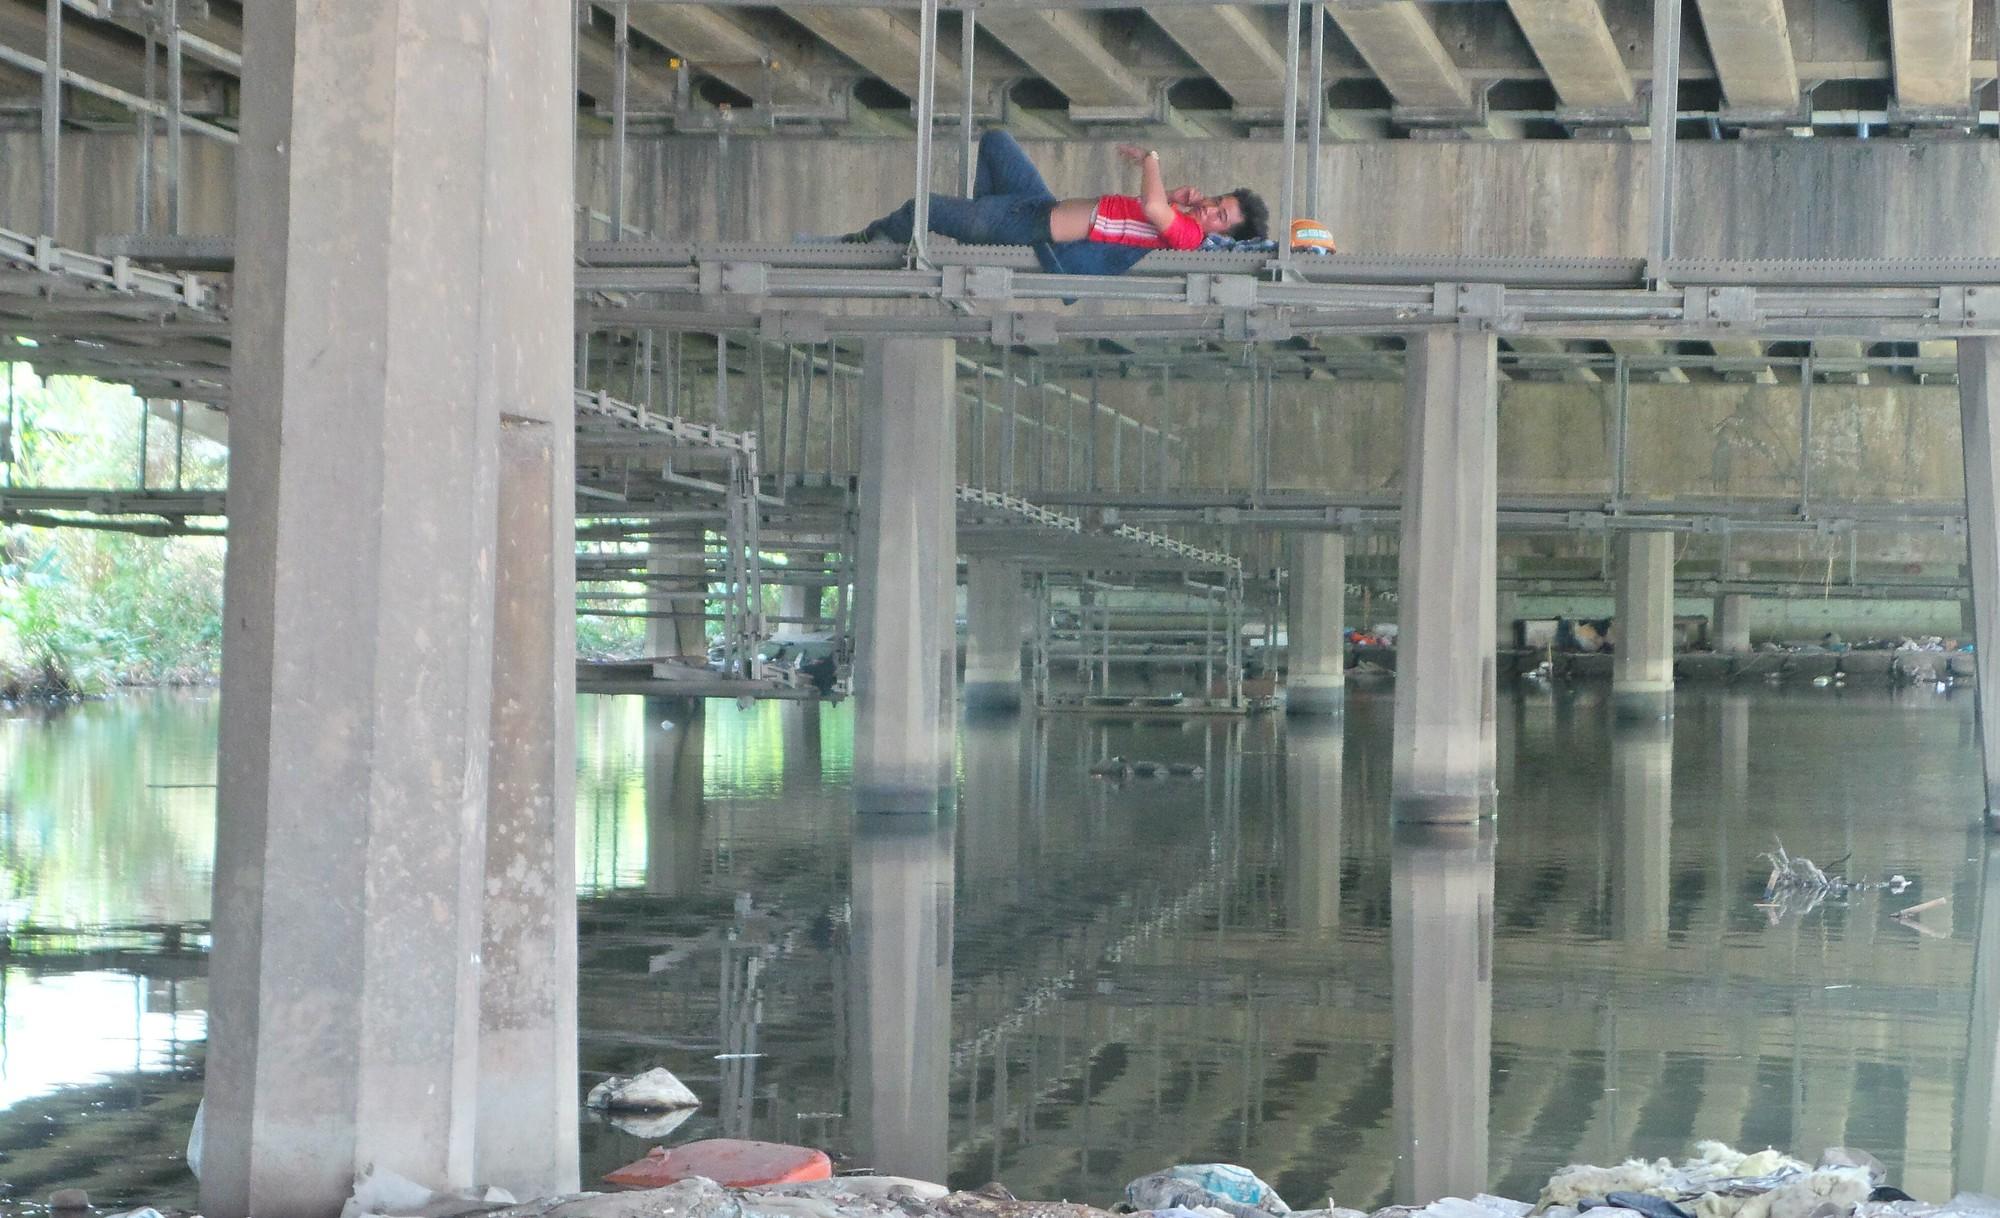 Sài Gòn nóng gần 40 độ C: Người dân xuống gầm cầu mắc võng ngủ trưa - Ảnh 9.